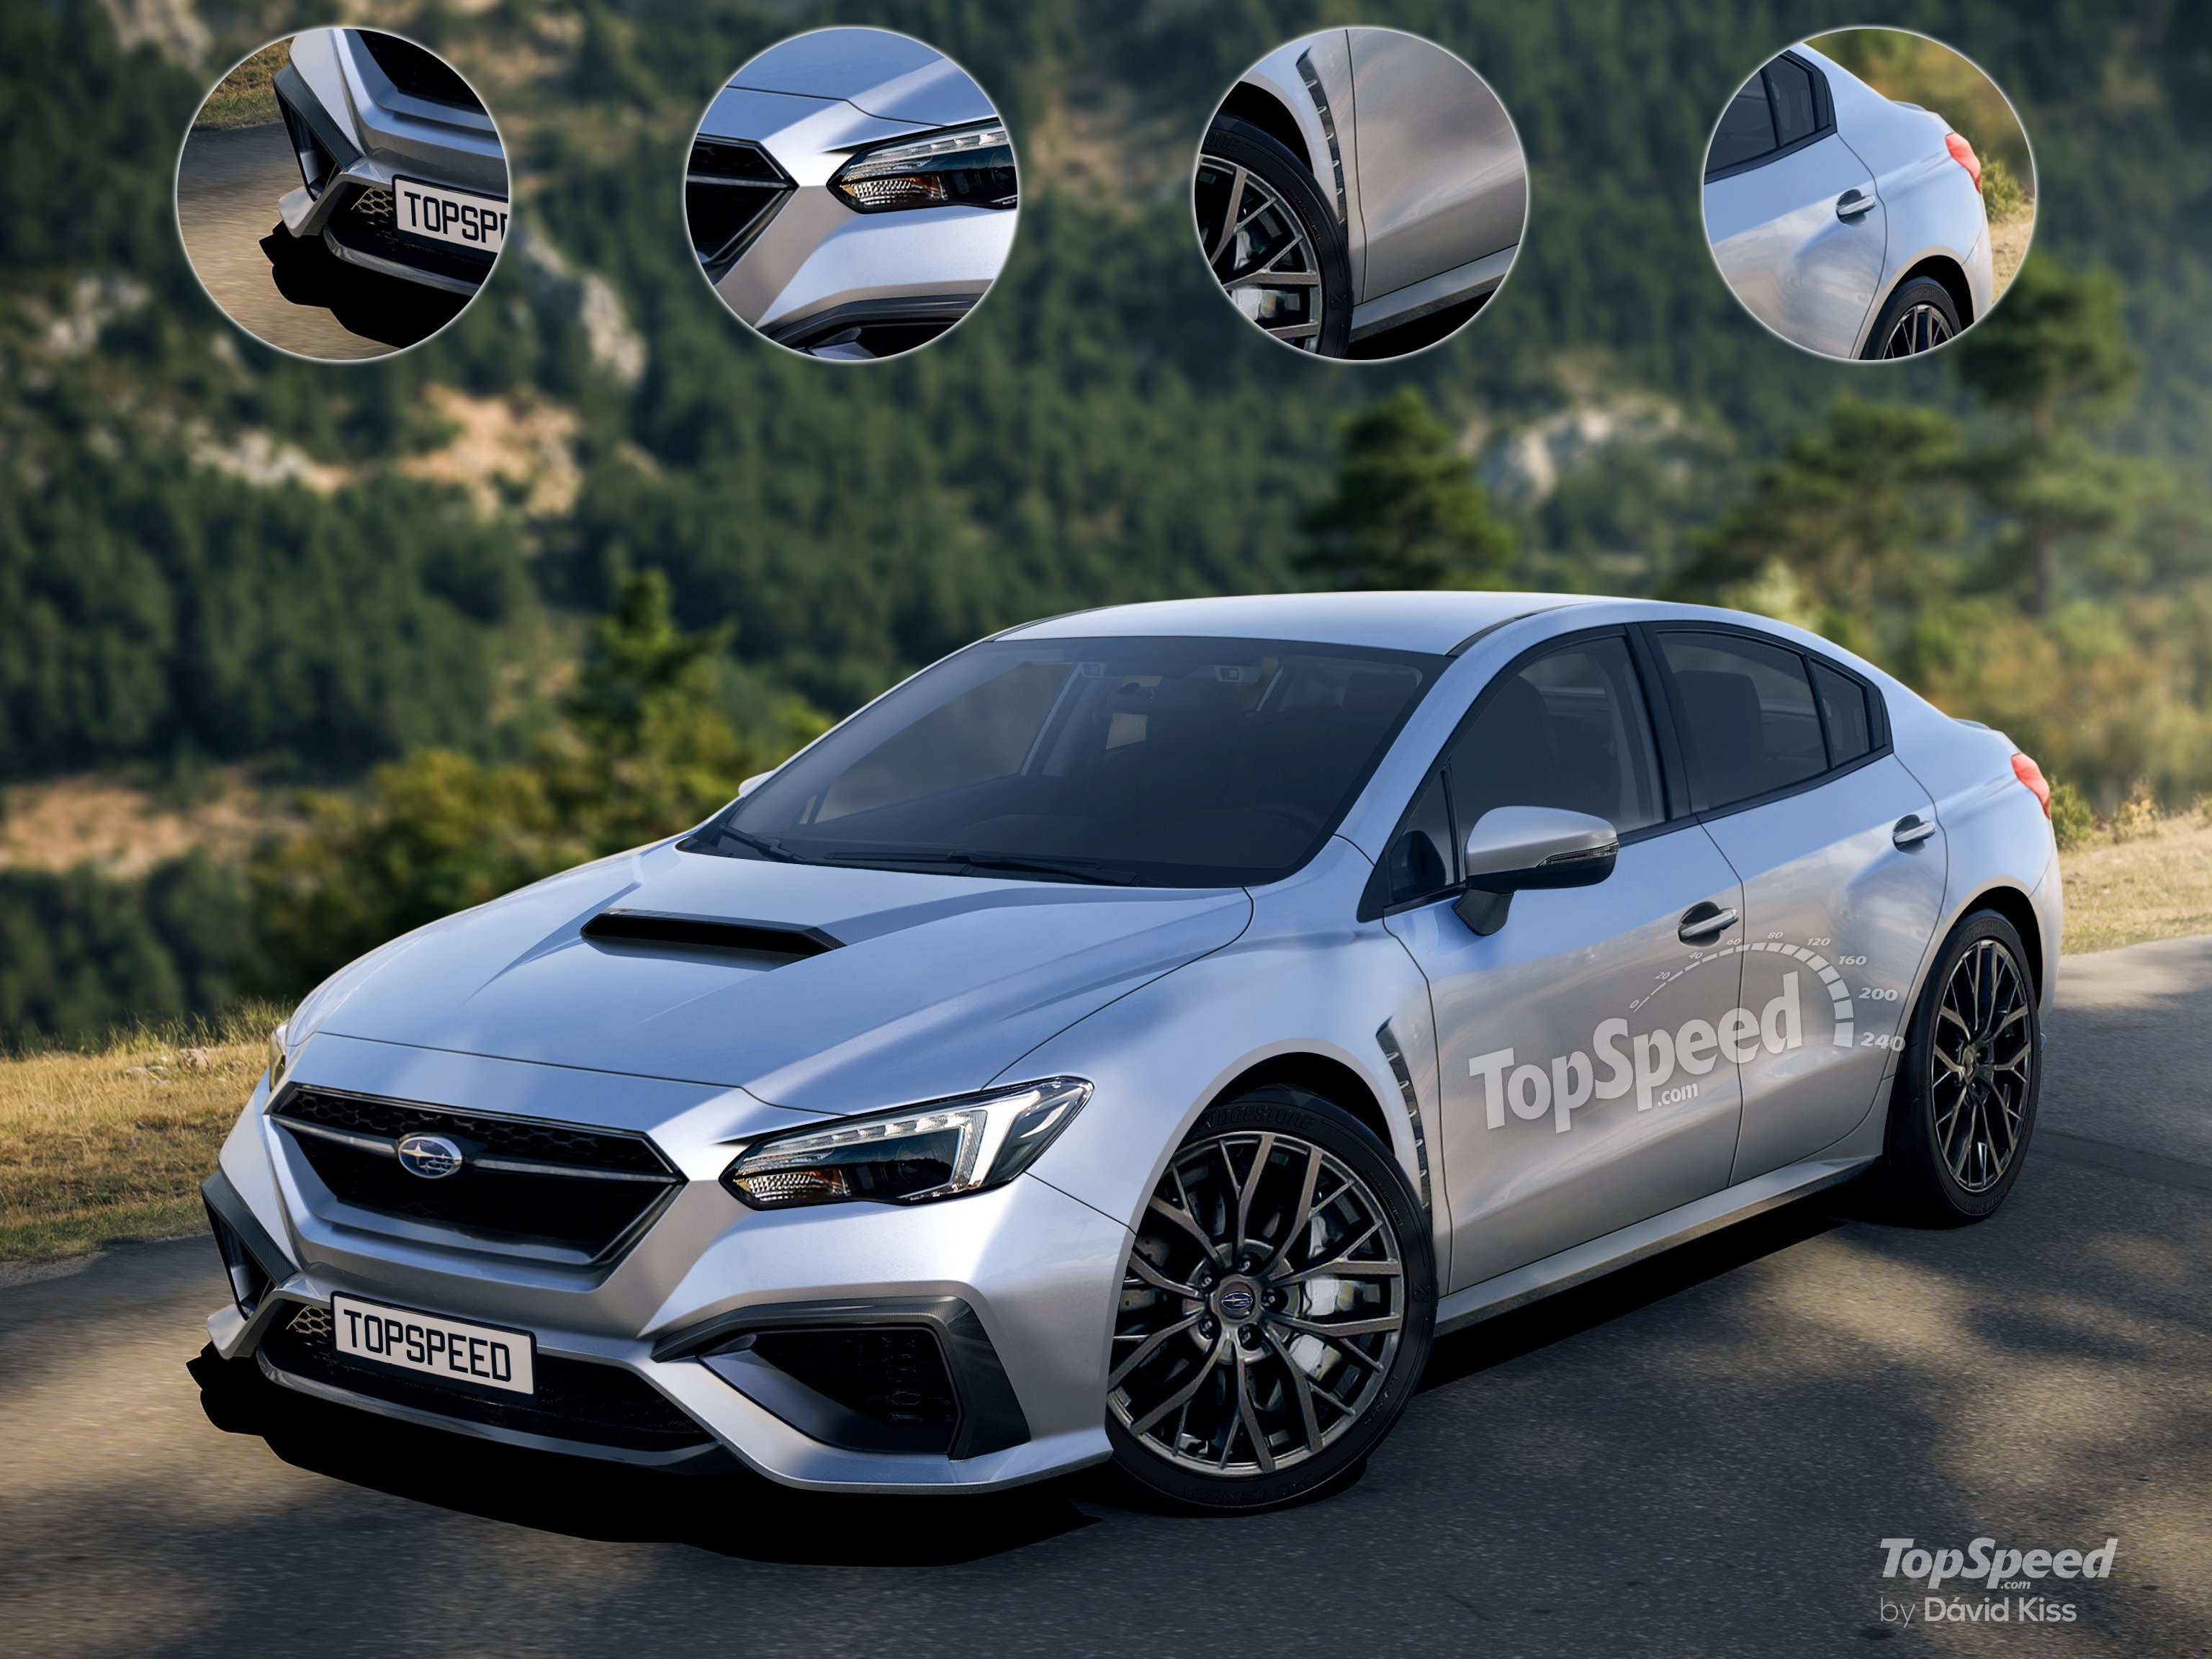 29 Great Subaru Rumors 2020 Wallpaper with Subaru Rumors 2020